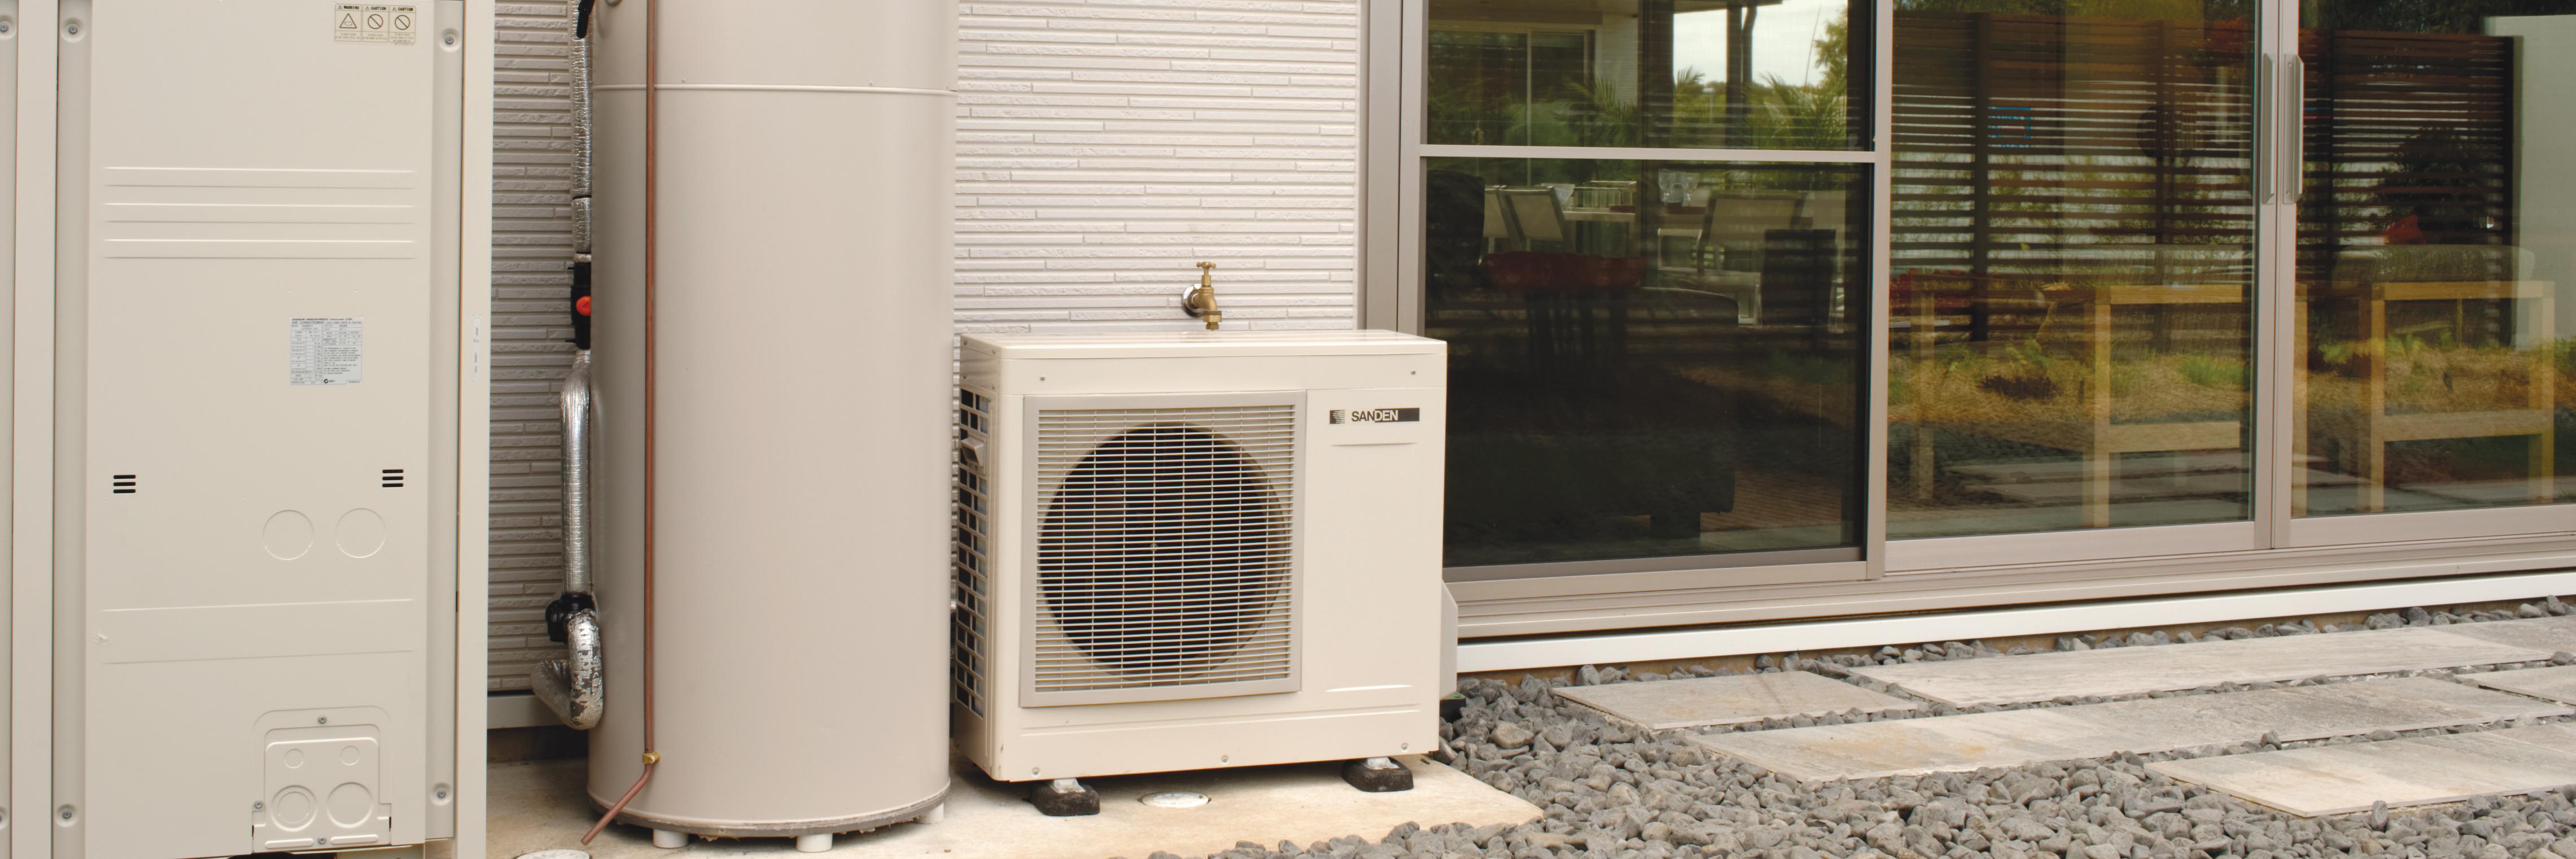 sanden eco heat pump